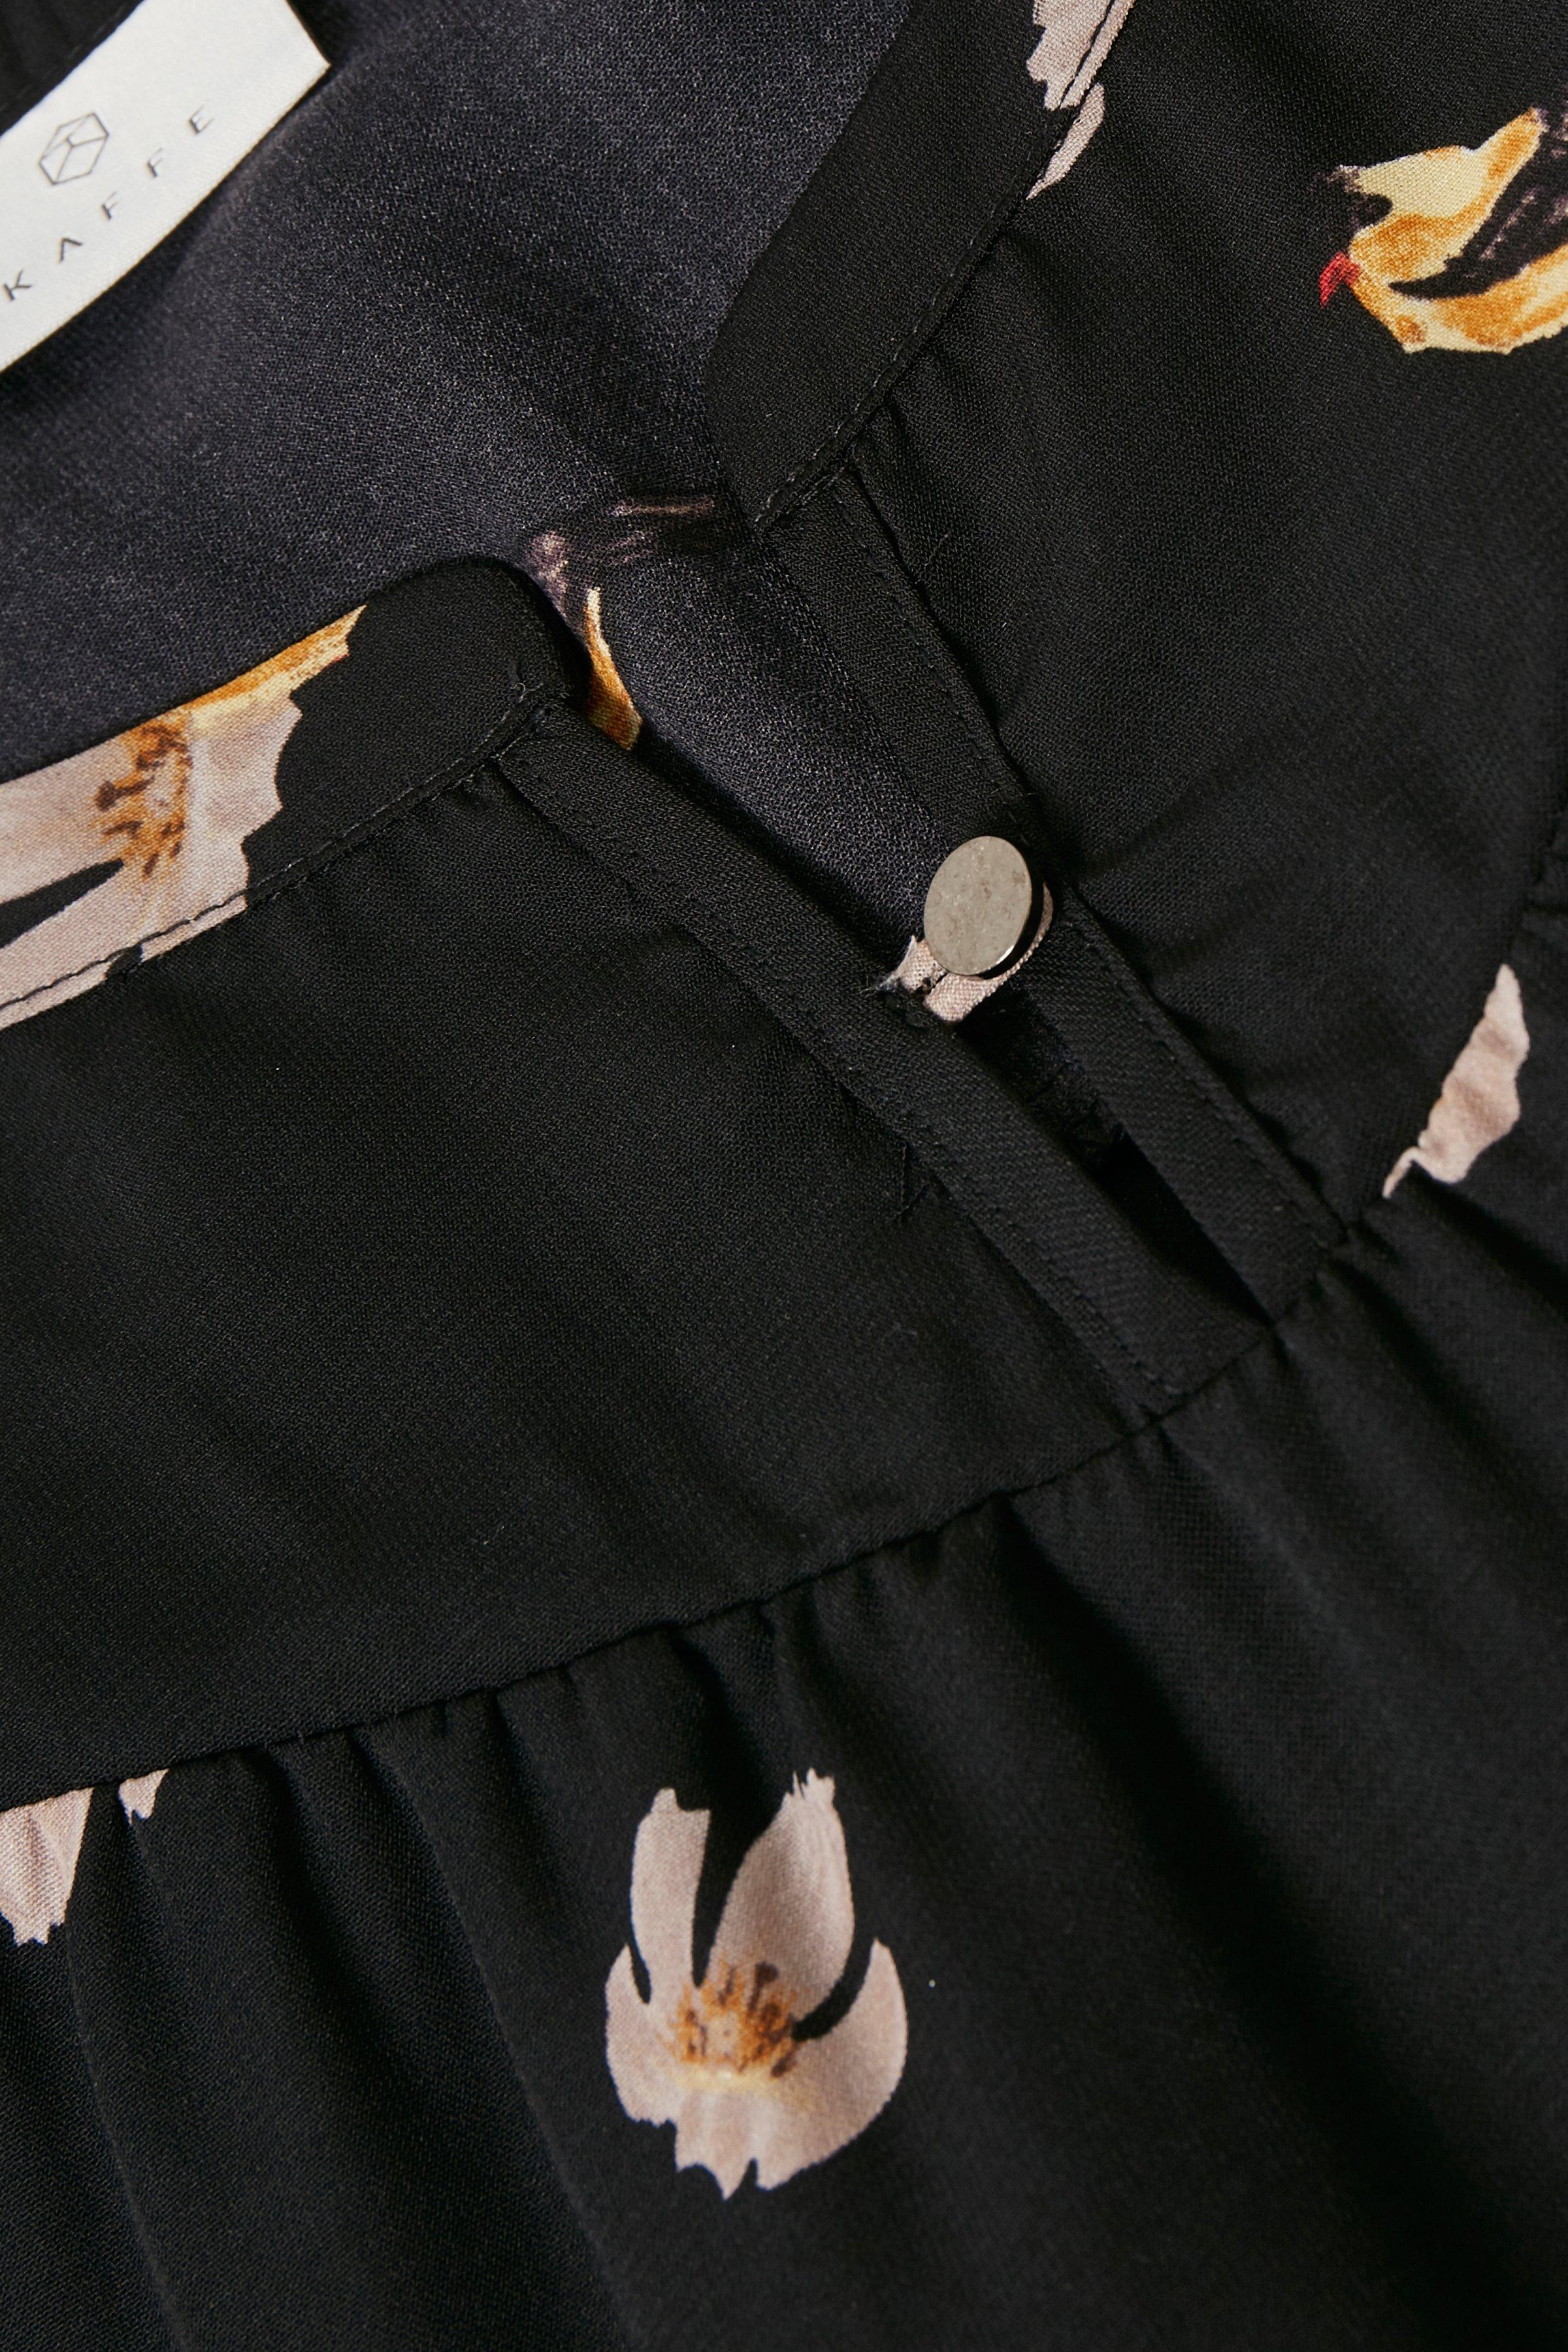 Schwarz/sand Langarm-Bluse von Kaffe – Shoppen Sie Schwarz/sand Langarm-Bluse ab Gr. 34-46 hier